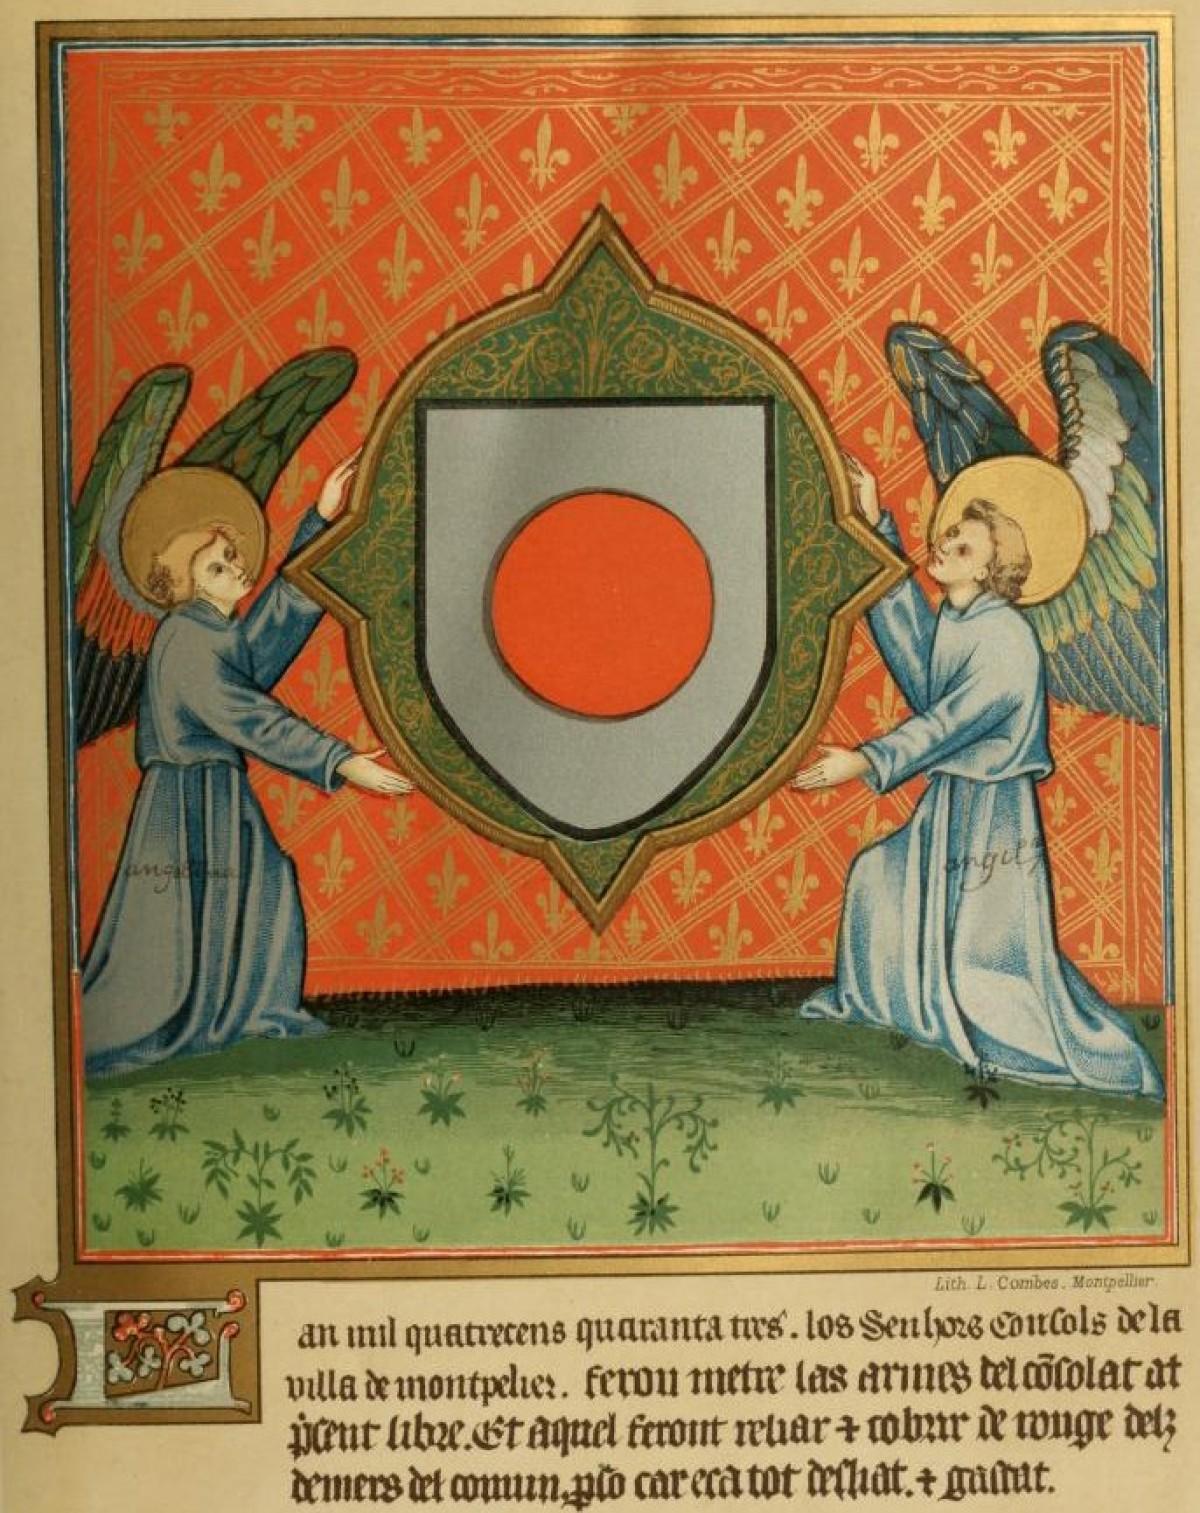 Histoire de Montpellier - Les Armes de Montpellier (1443)